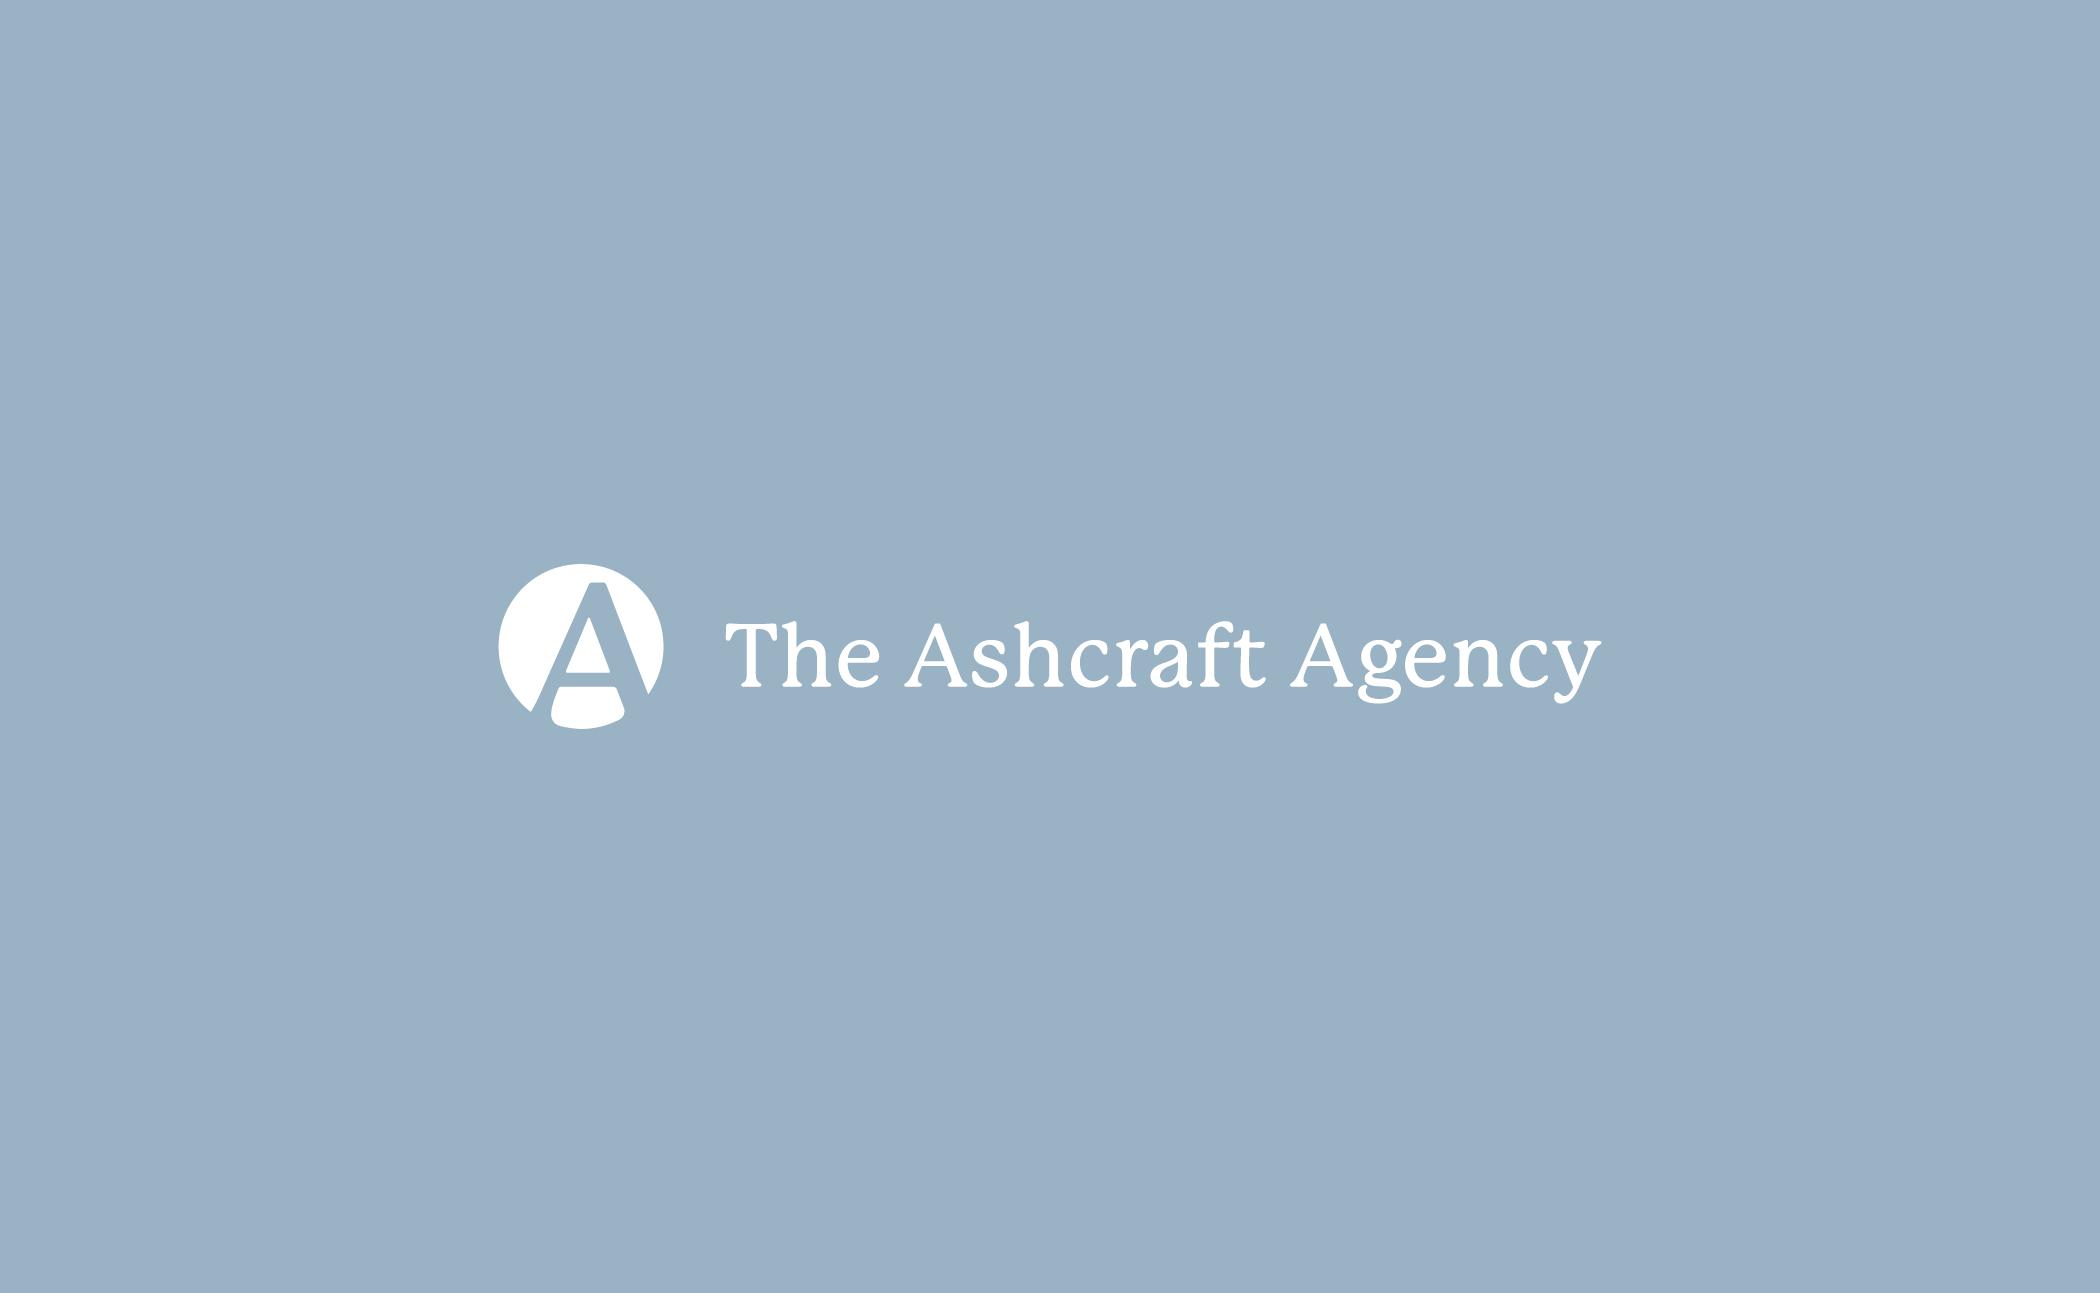 The Ashcraft Agency